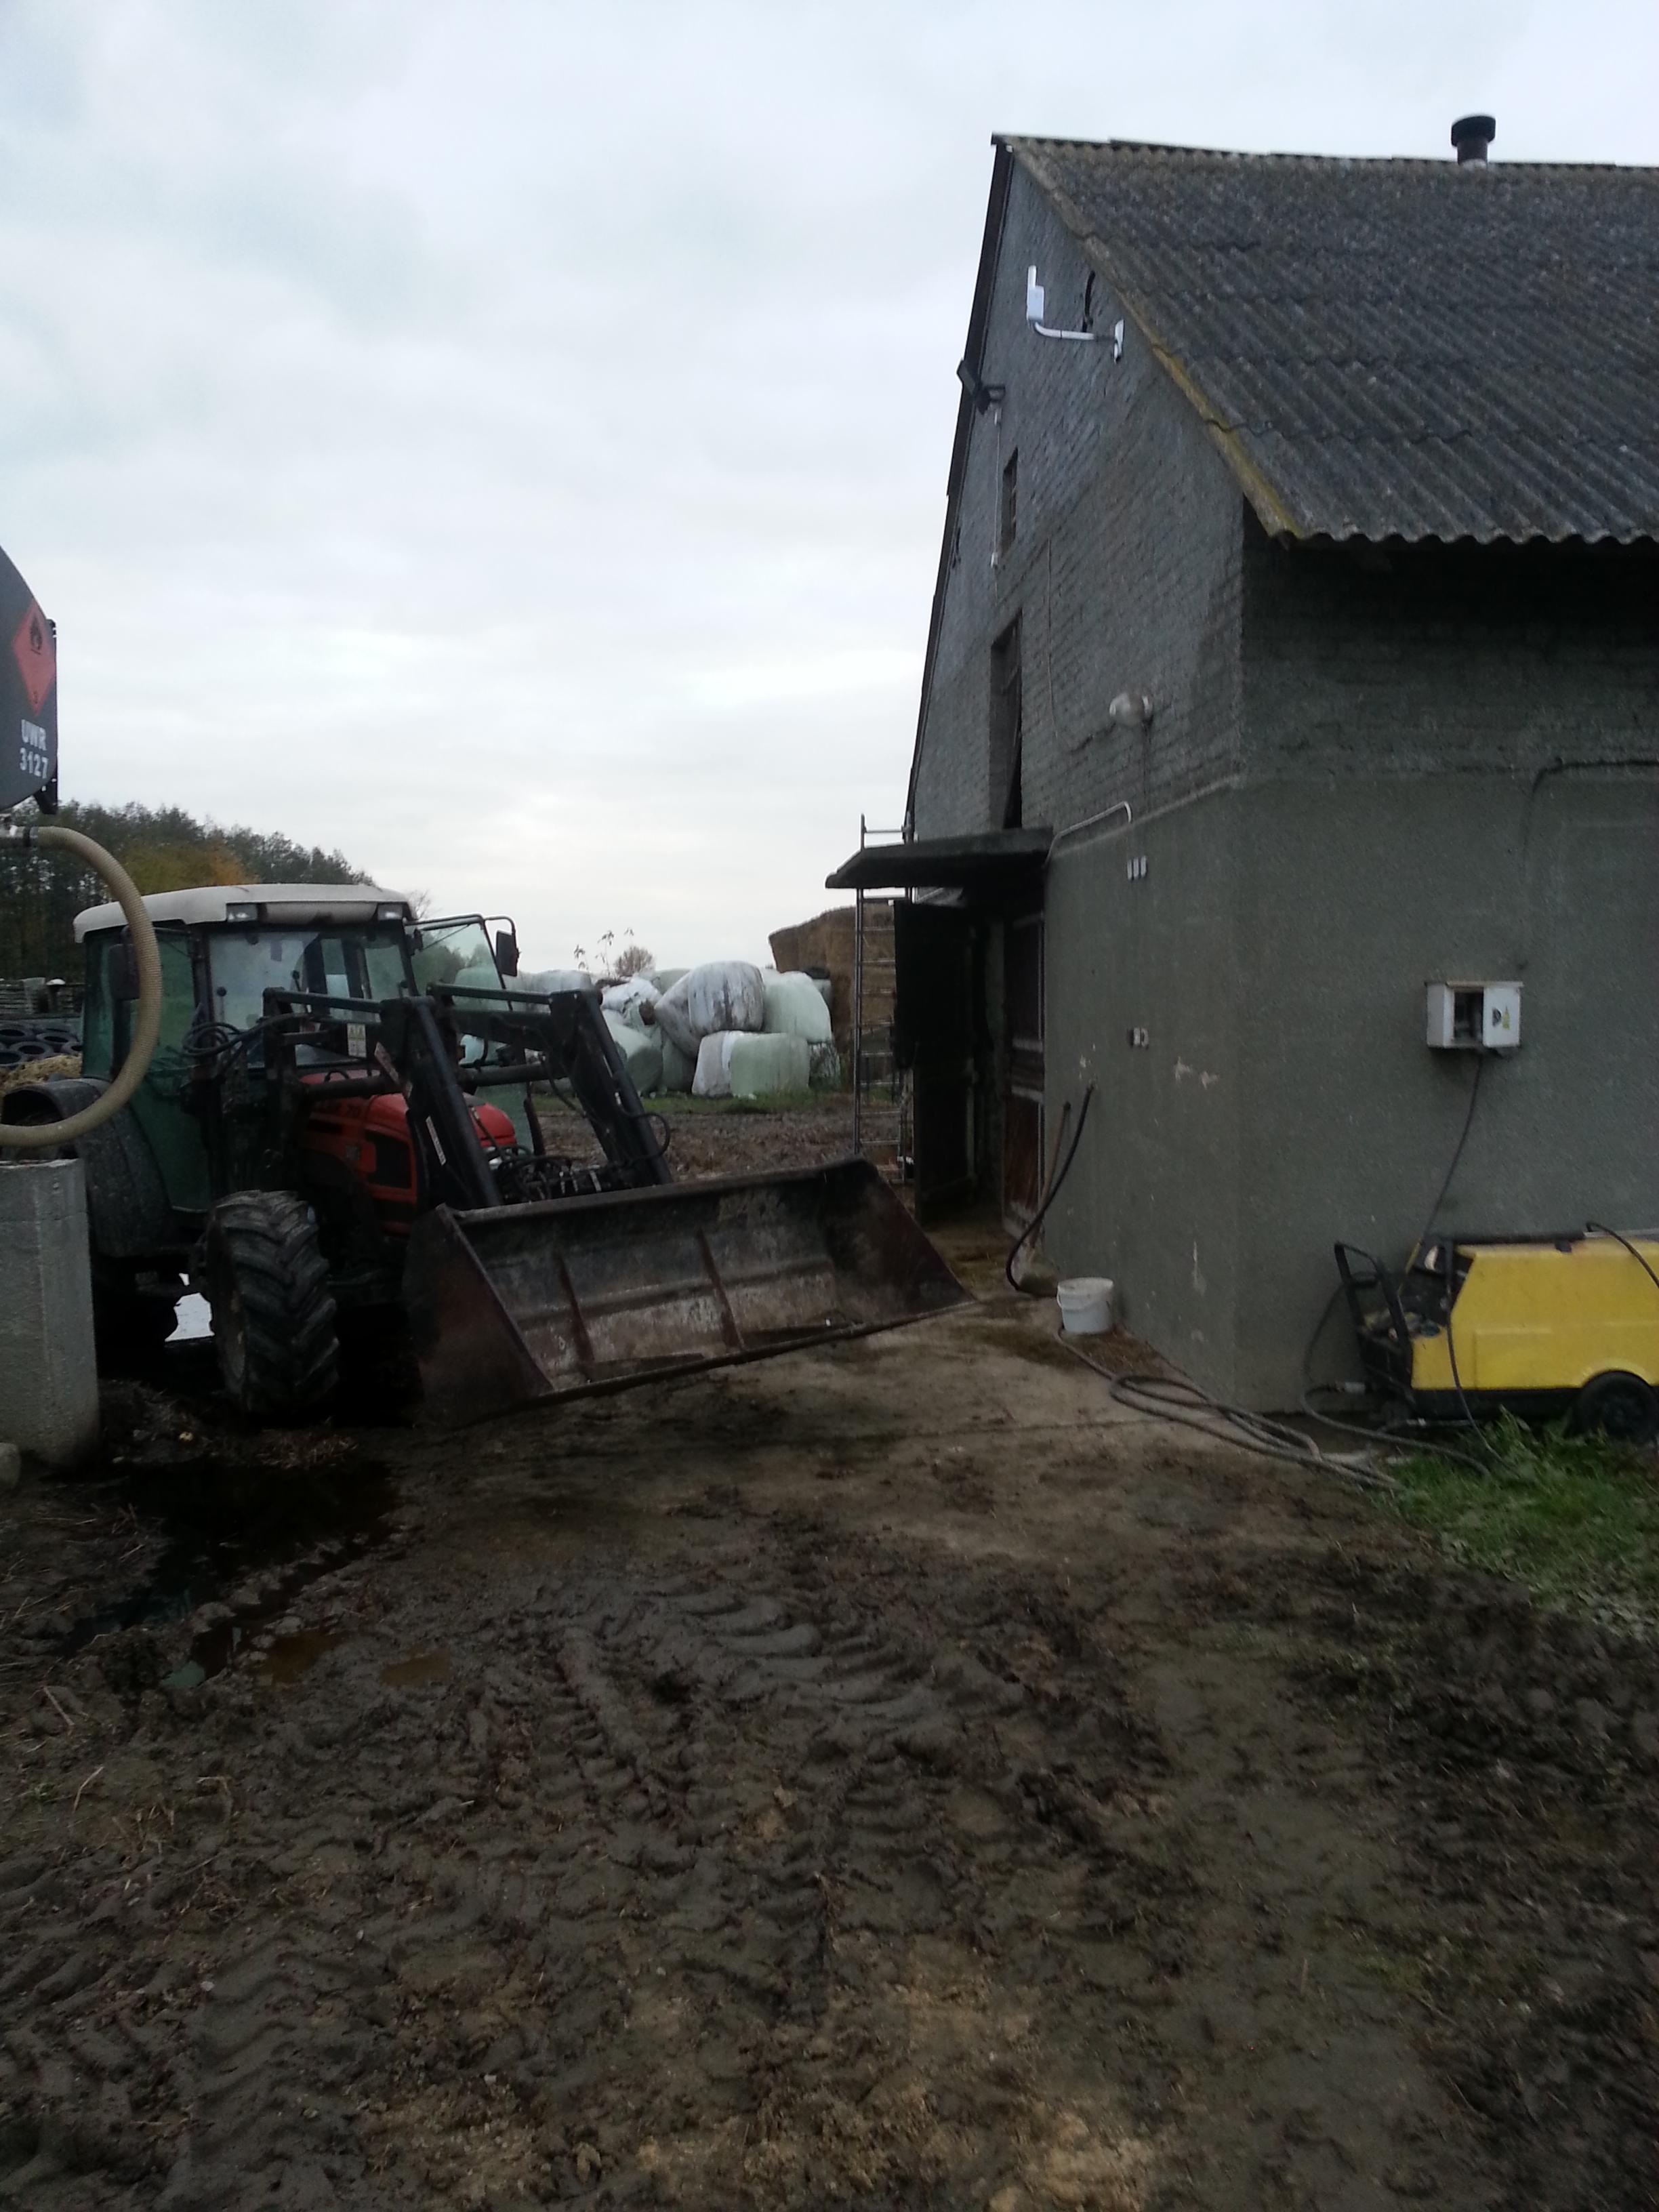 Monitoring Biłgoraj Wykonaliśmy monitoring gospodarstwa rolnego okolice Biłgoraj infomech